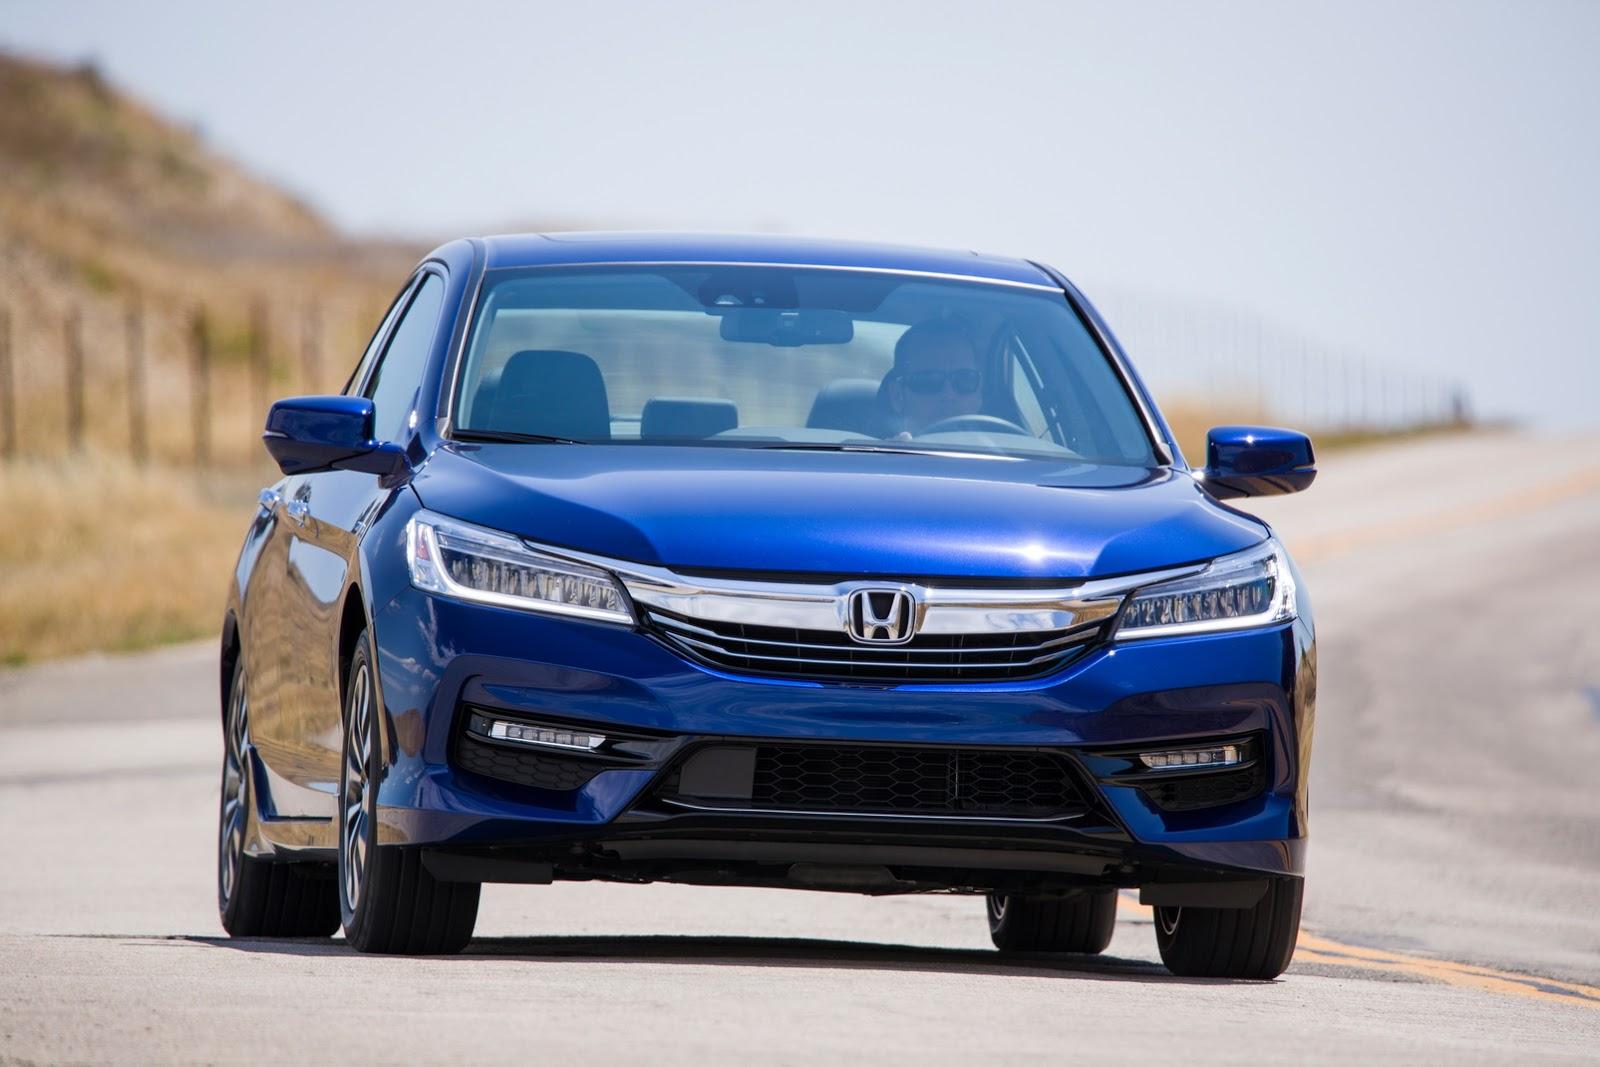 Giá xe Honda Accord Hybrid 2017 từ 29.605 USD với 3 phiên bản 2